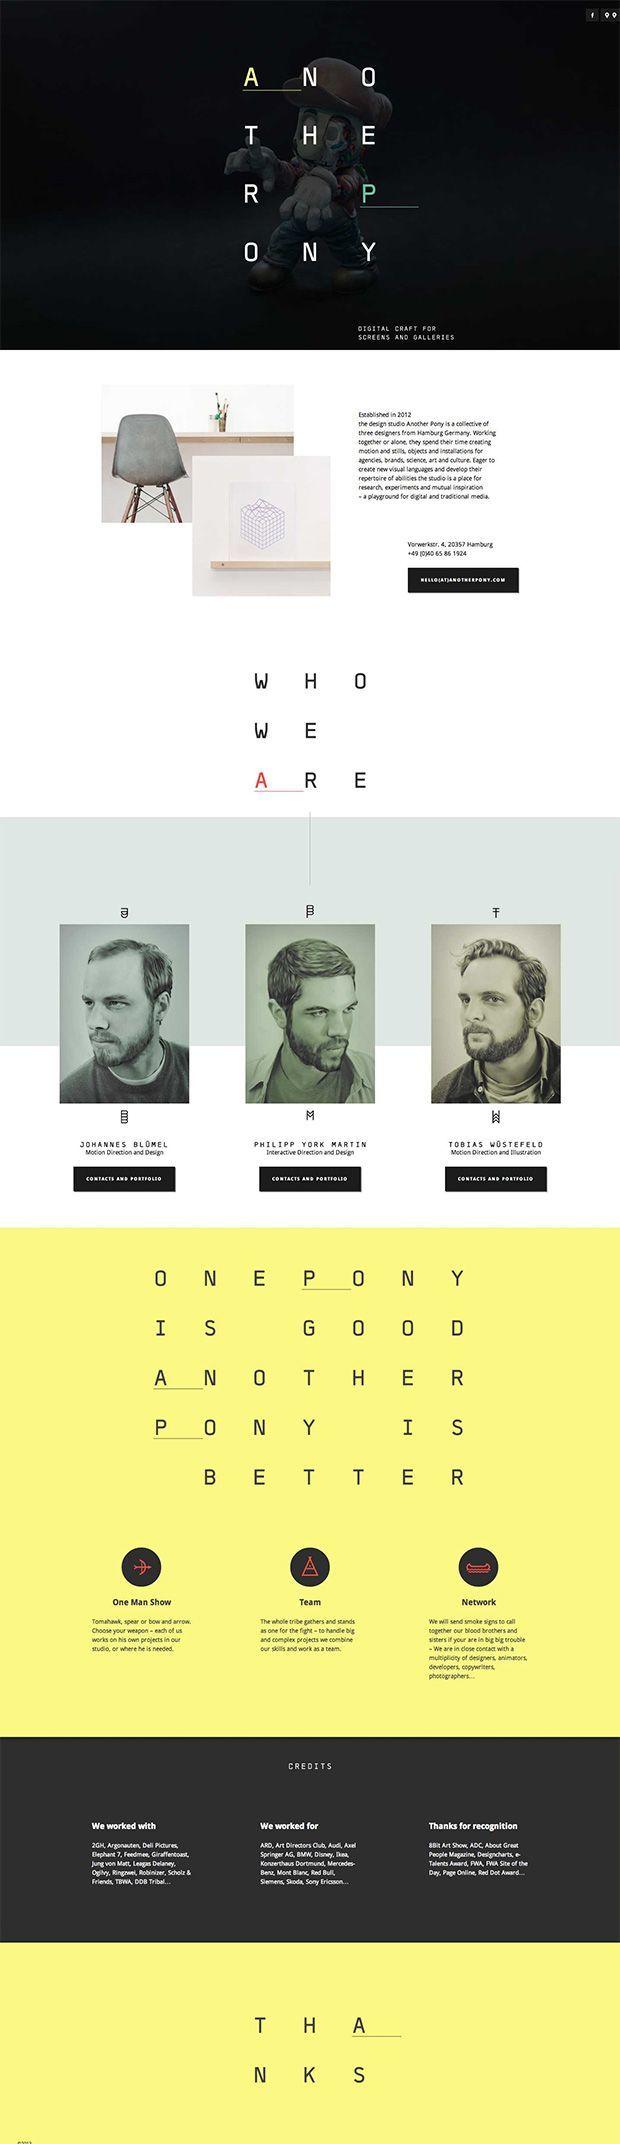 Another Pony Website Design | Interactive / UI | Pinterest